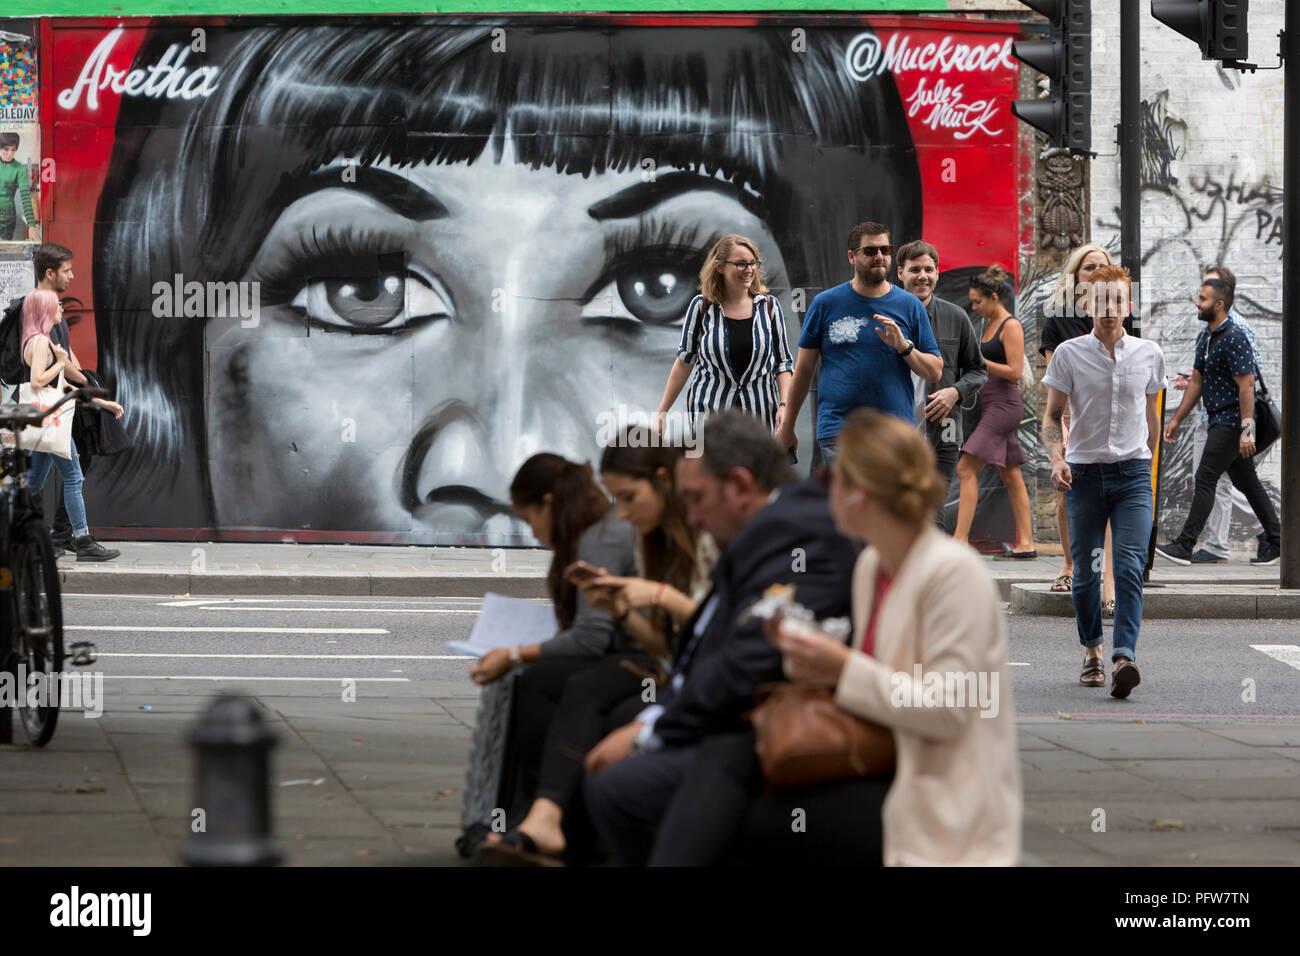 Los londinenses camina más allá de un reciente mural en Shoreditch (por artista Jules Muck) del Alma Reina Aretha Franklin fallecido pocos días antes, el 20 de agosto de 2018, en Londres, Inglaterra. Foto de stock